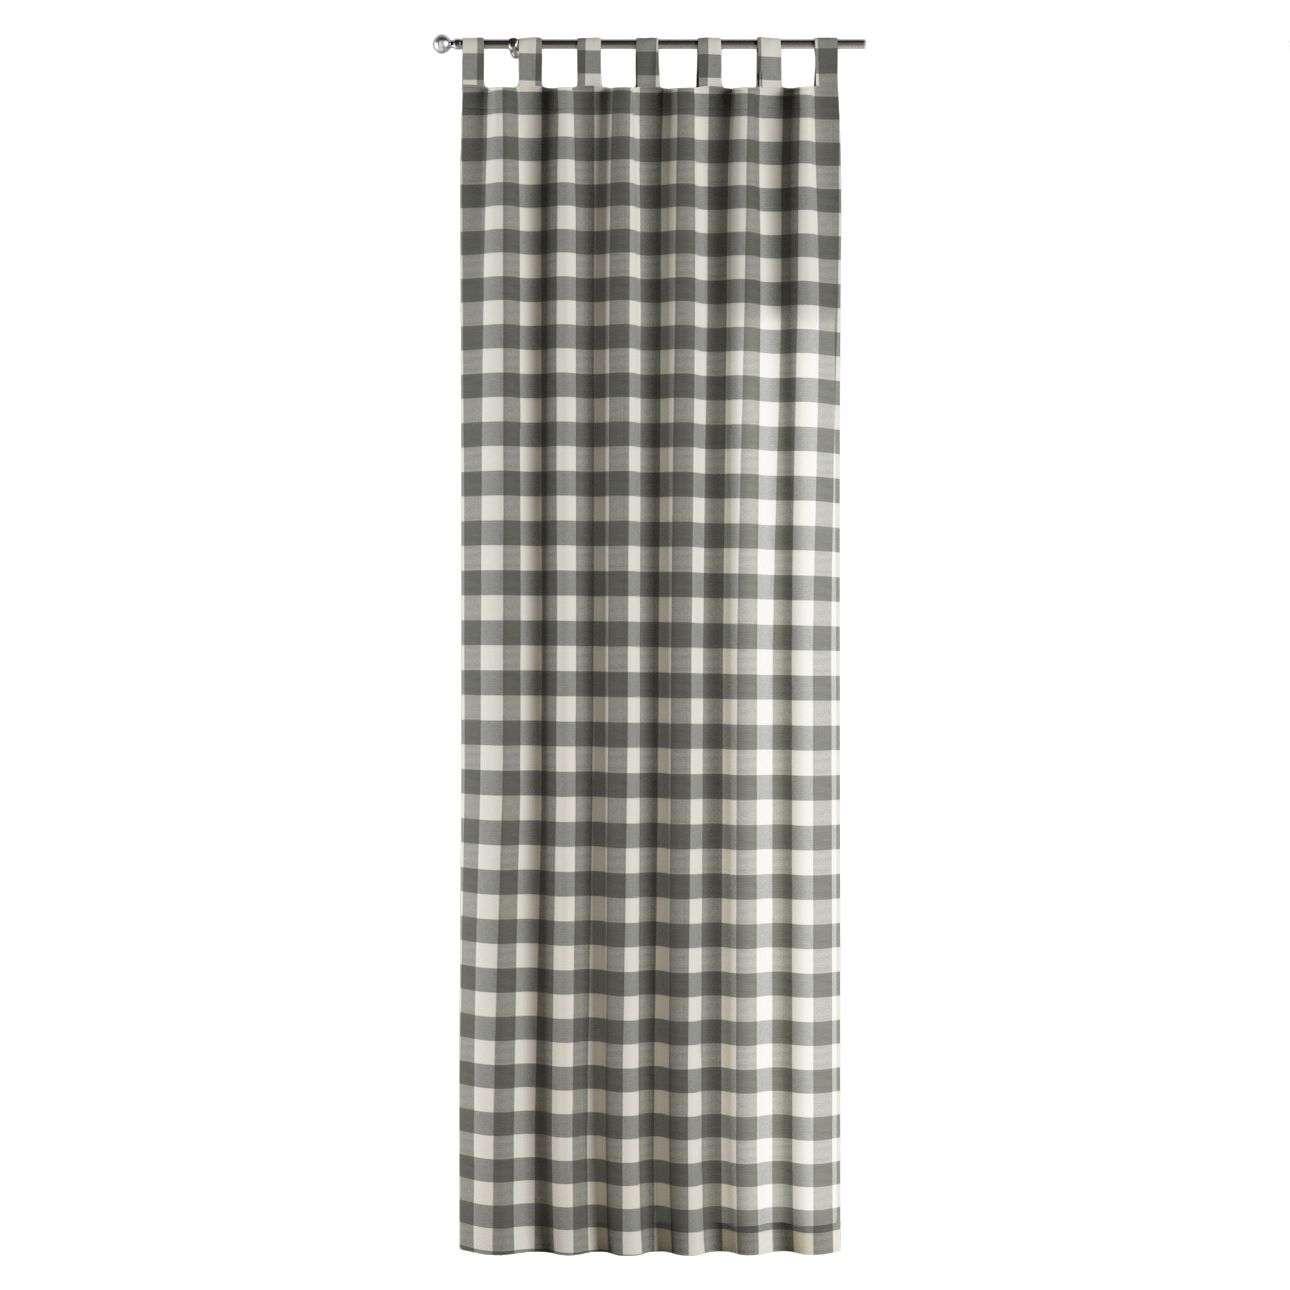 Gardin med stropper 1 stk. 130 × 260 cm fra kolleksjonen Quadro, Stoffets bredde: 136-13